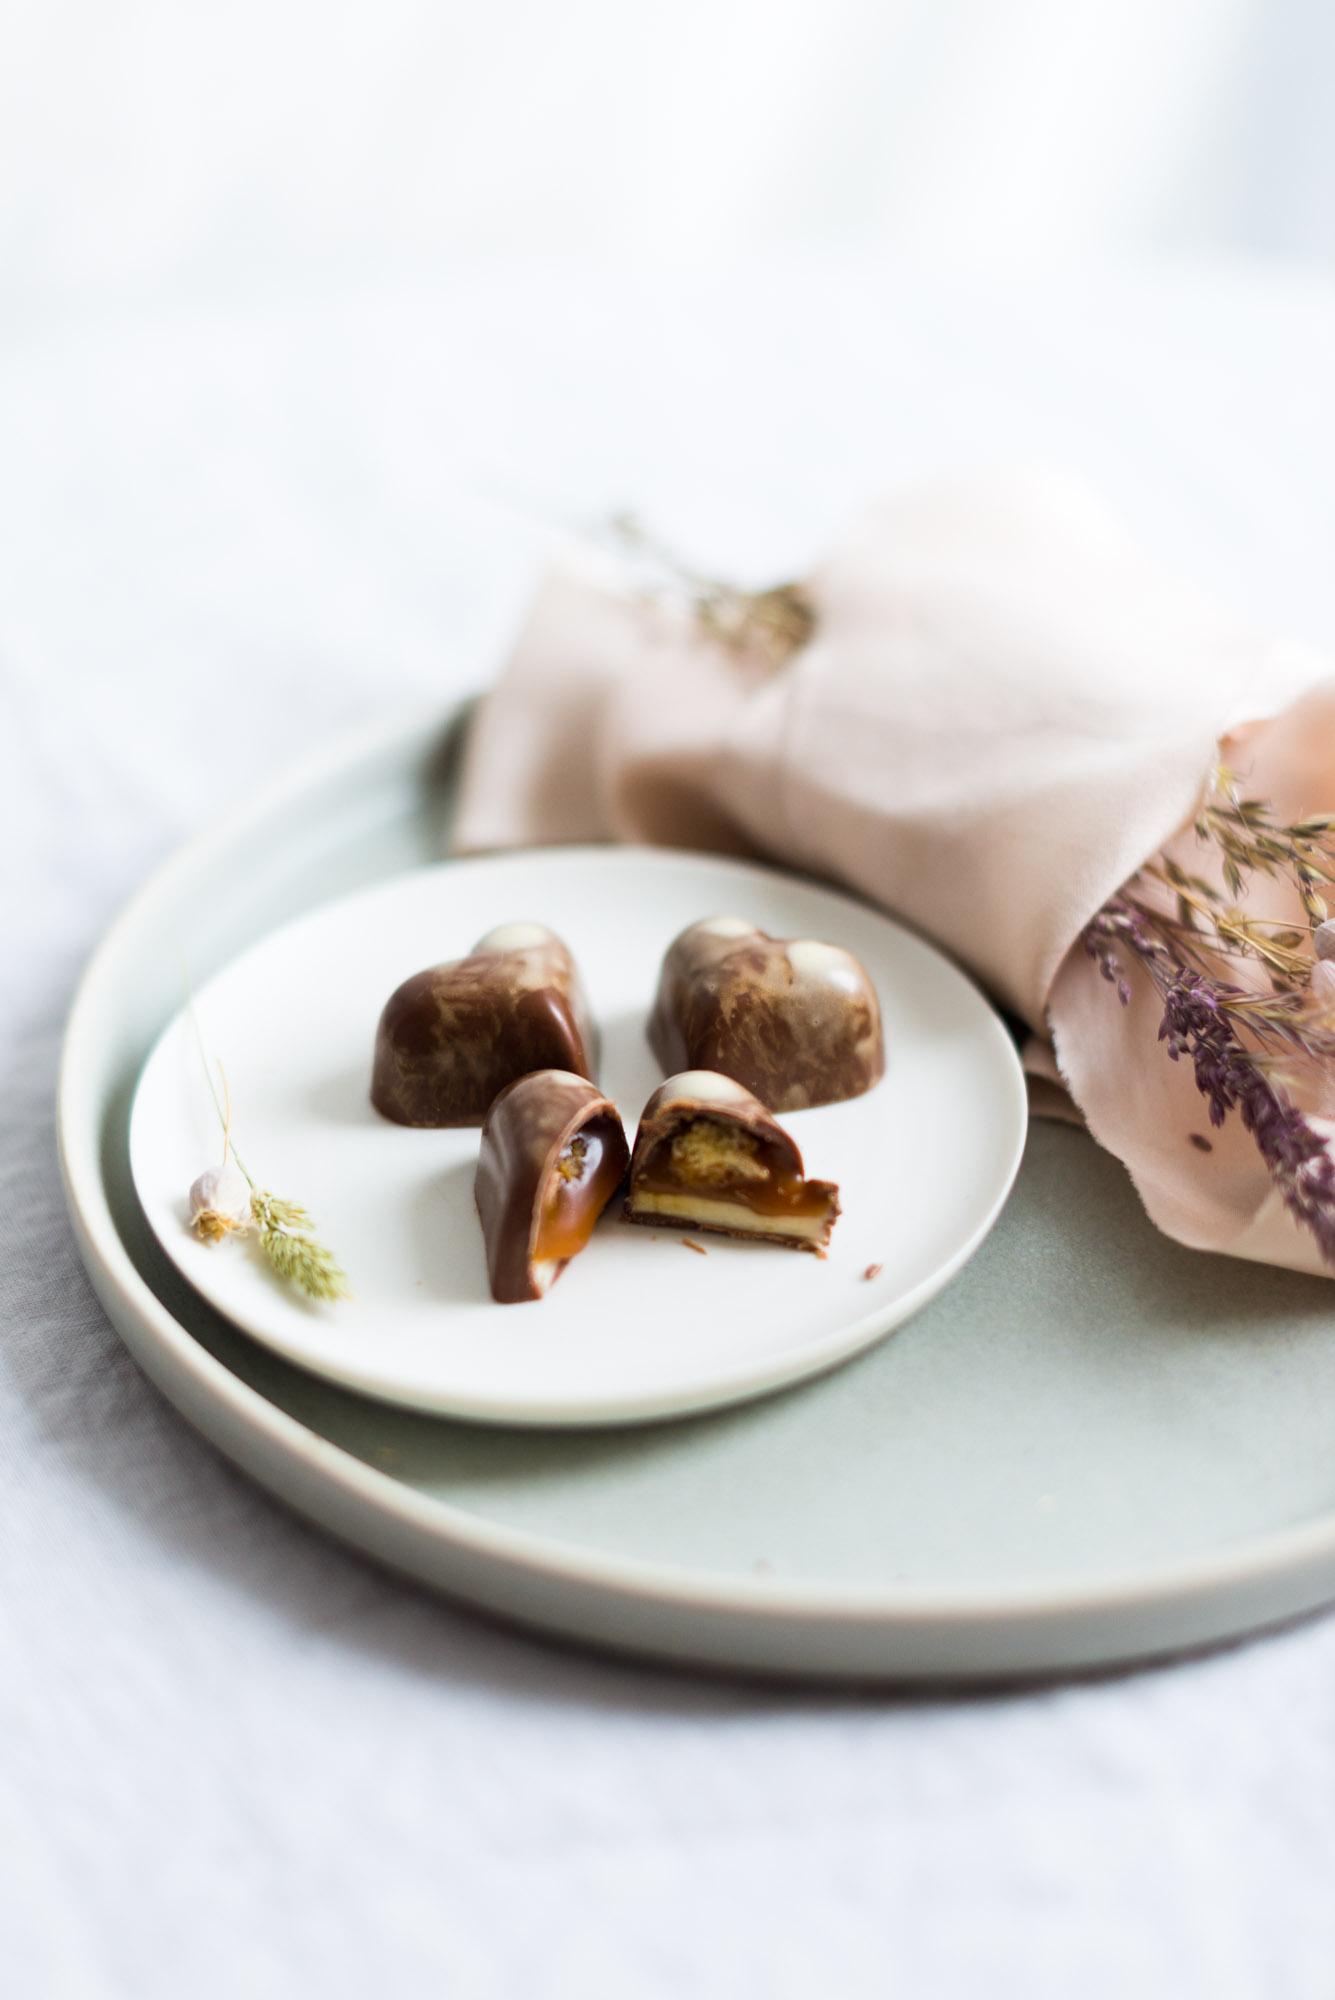 Dreifach gefüllte Praline mit Salzkaramell Macadamia Nougat und Macadamia Cookie